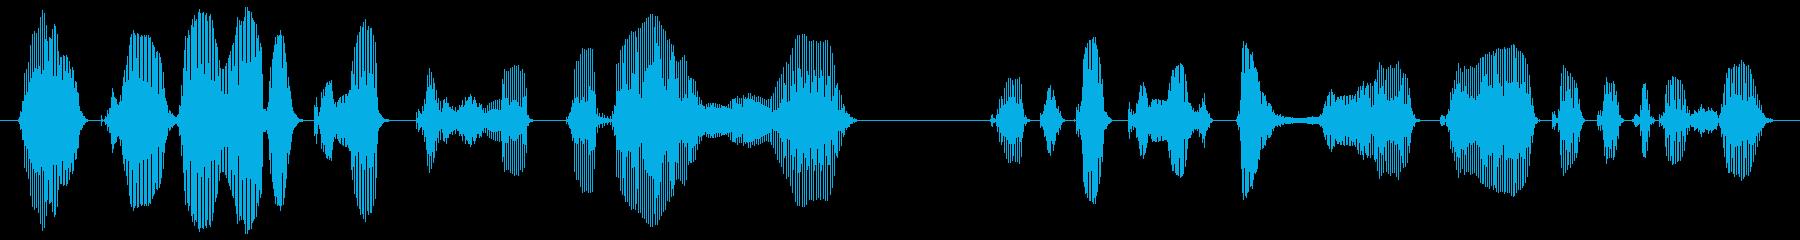 体調が悪くなってしまった場合には、お…の再生済みの波形